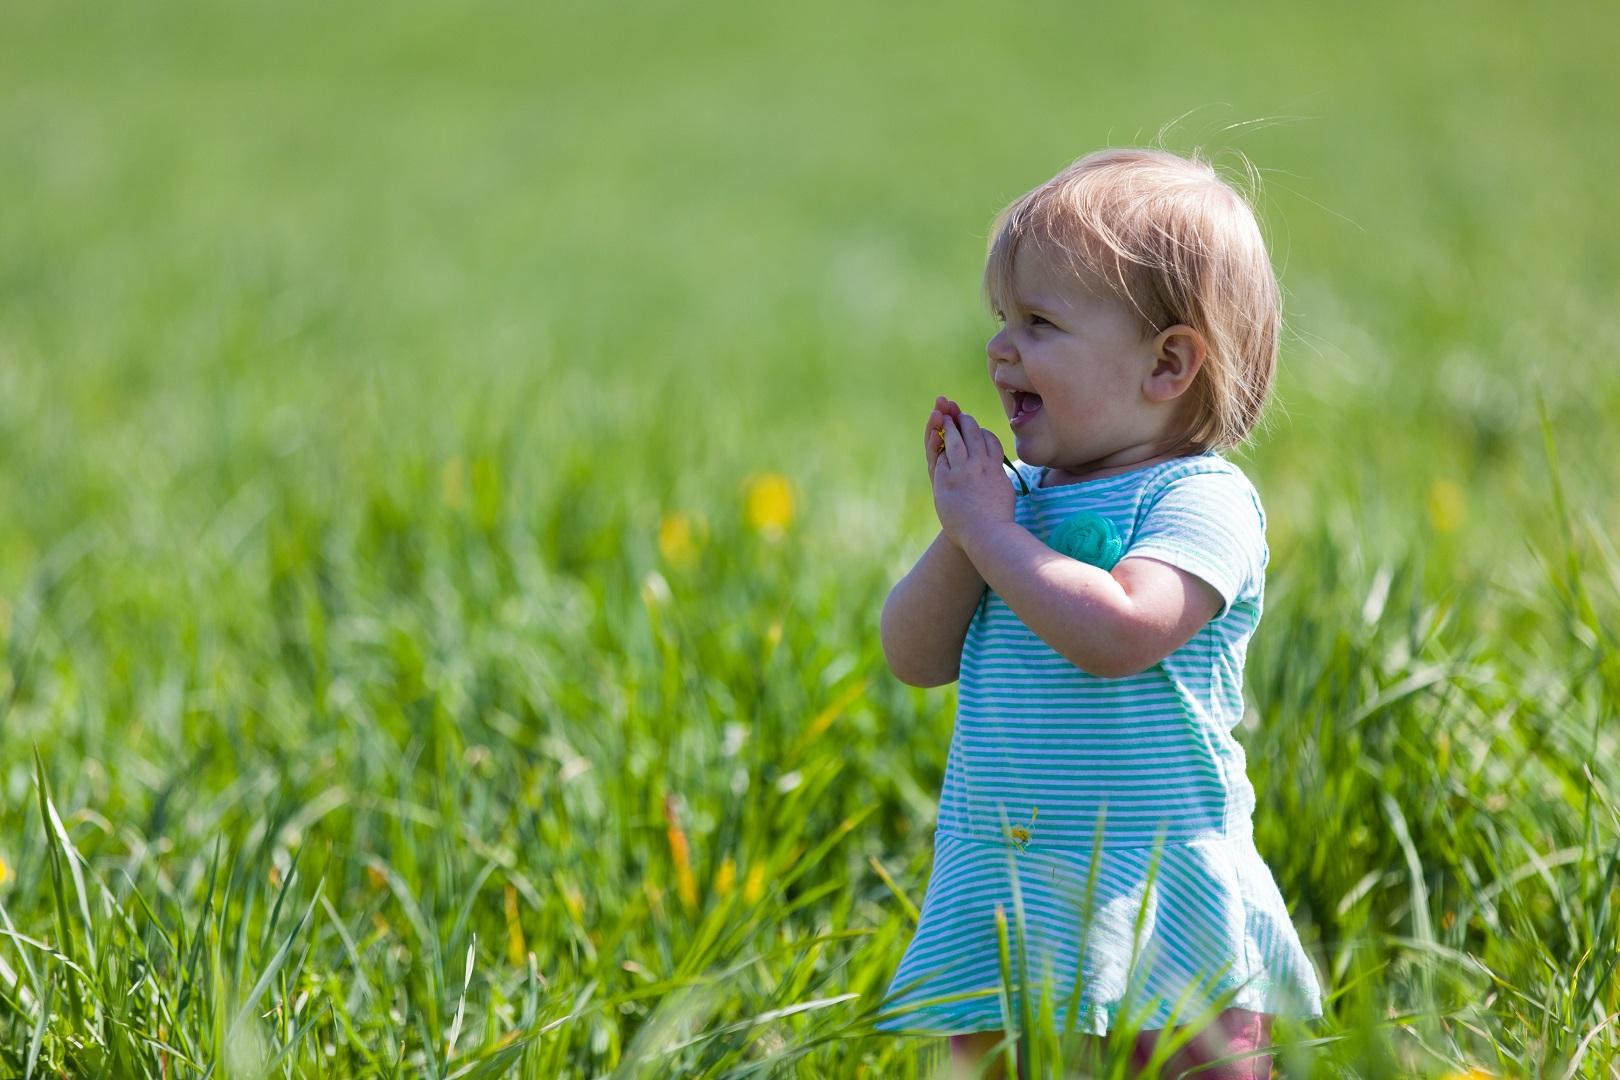 照護腦性痲痺孩童的十二項建議